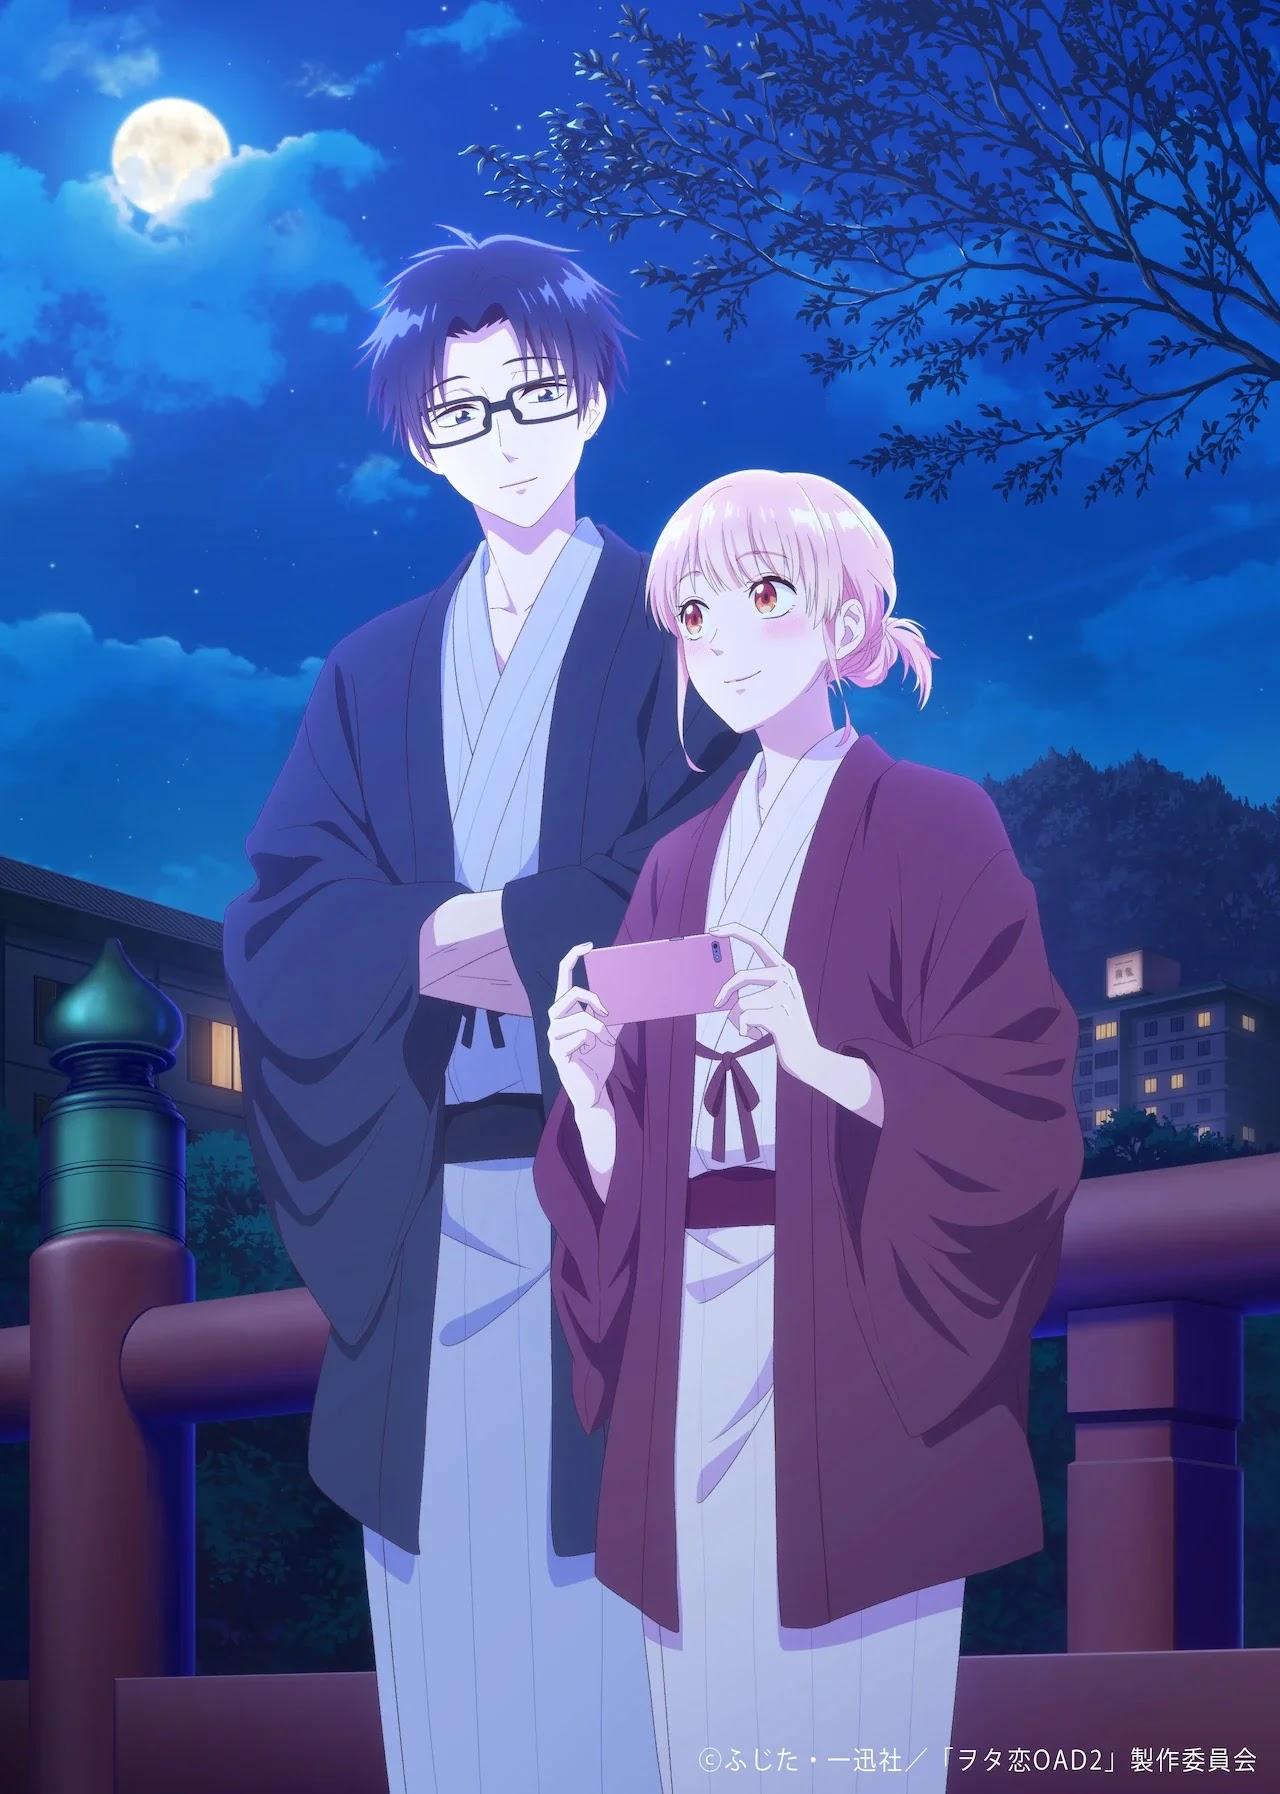 Anime Wotaku ni Koi wa Muzukashii revelou o trailer do seu próximo OVA